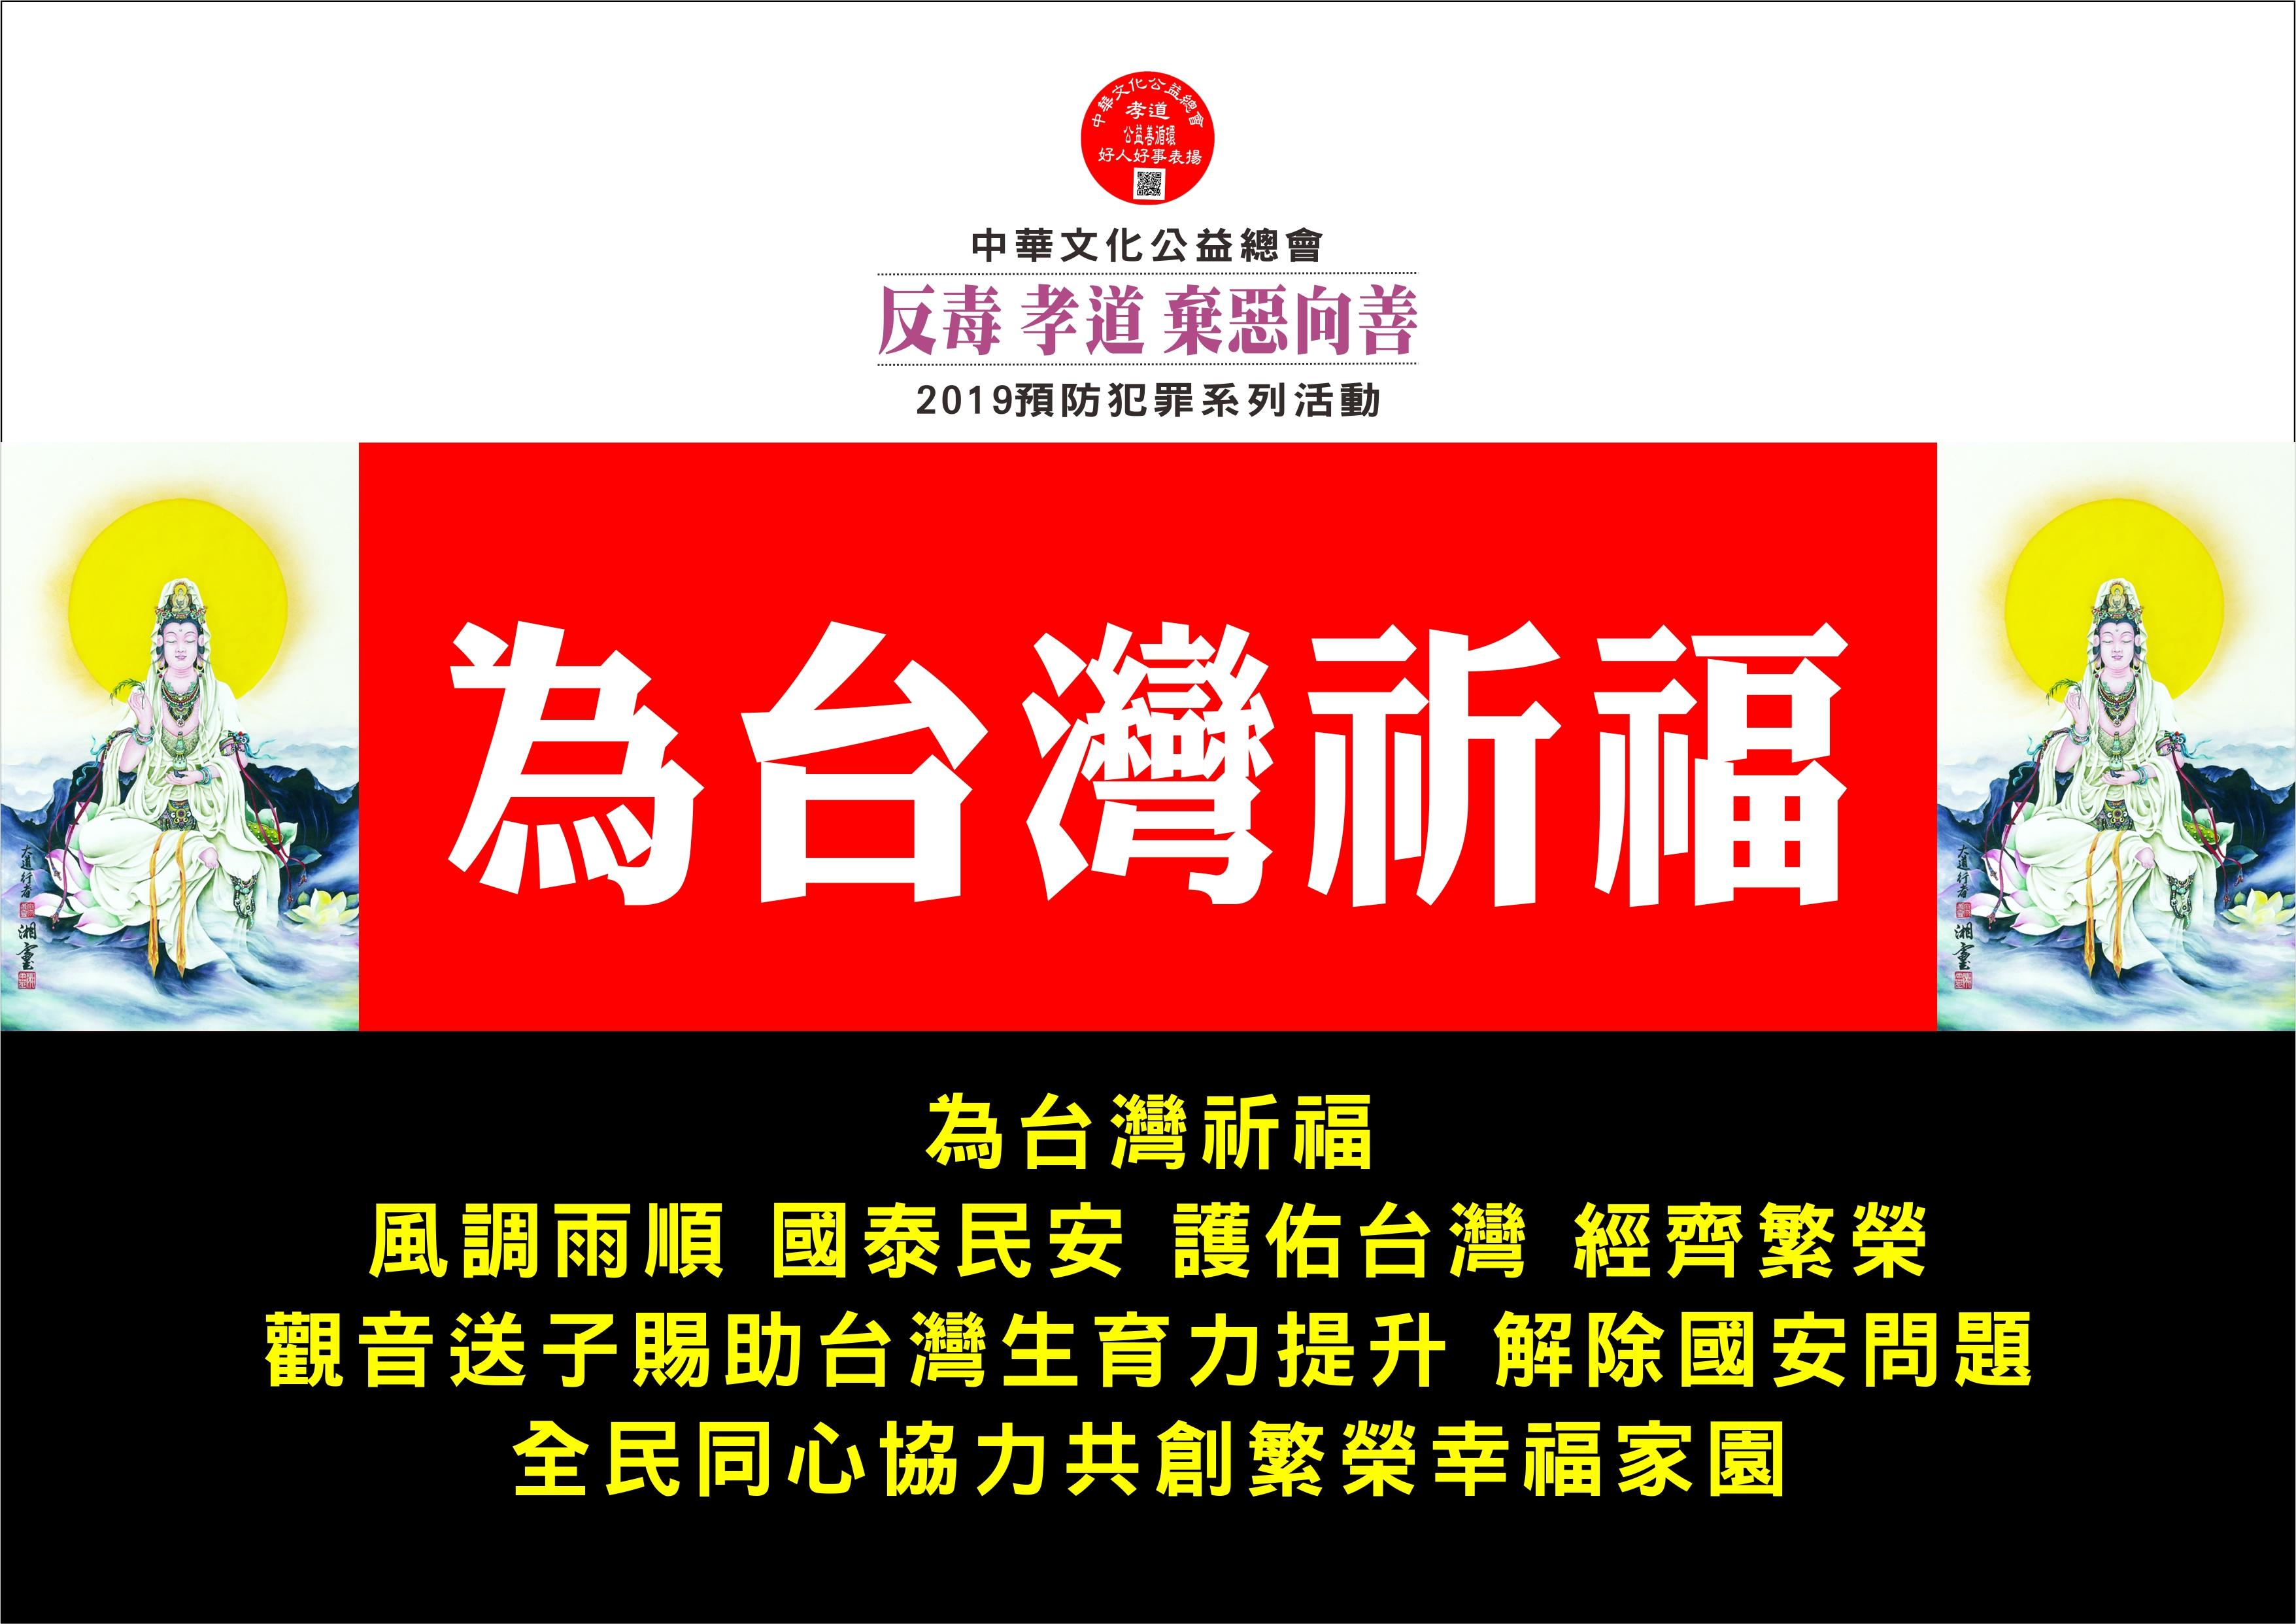 為台灣祈福公益善循環